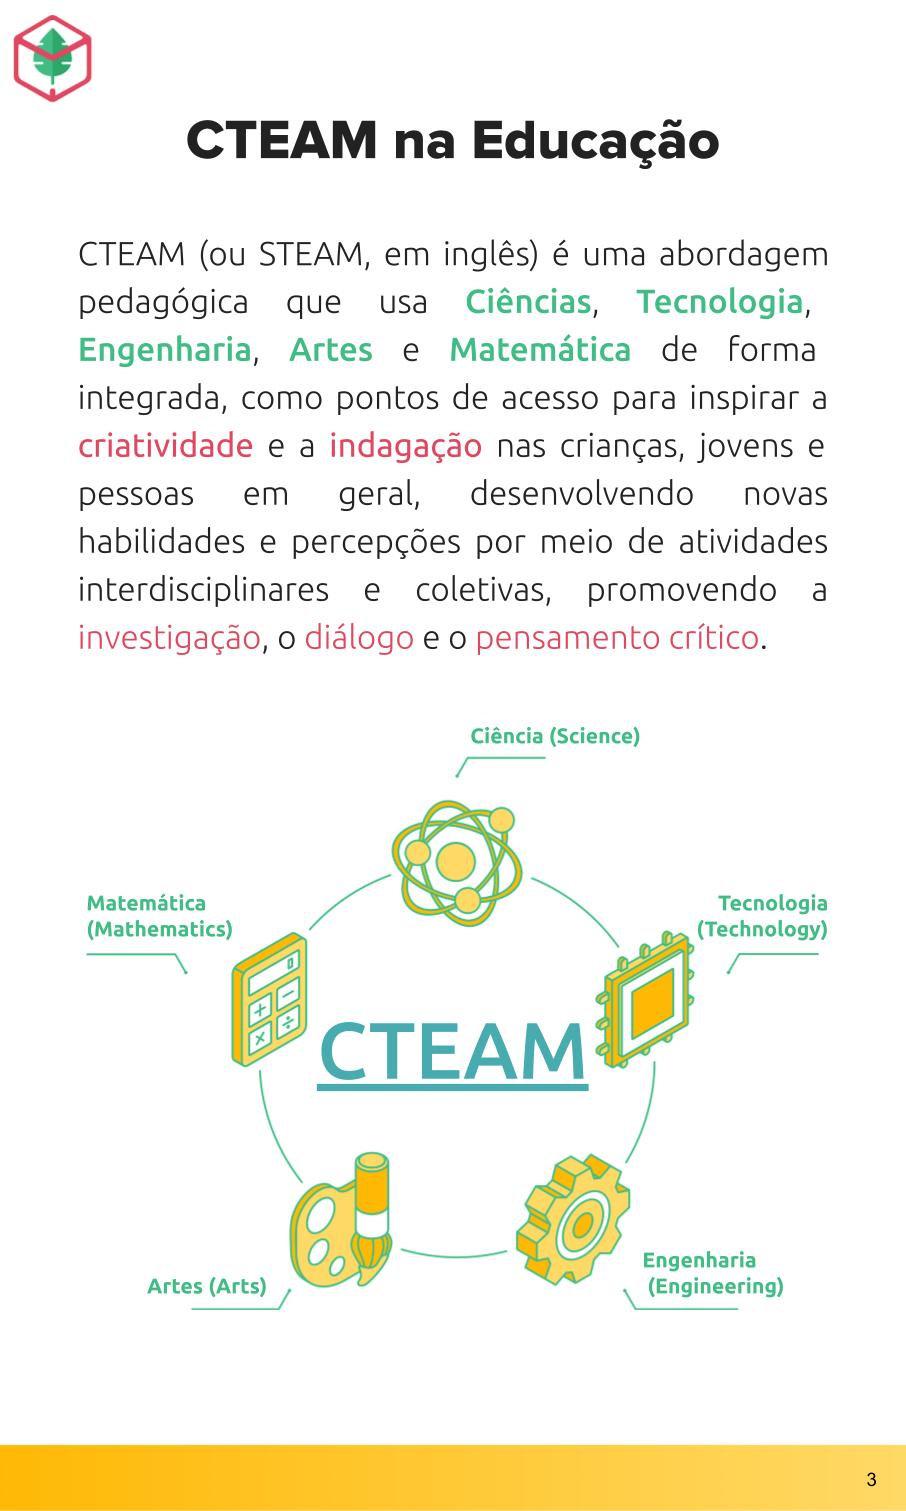 CTEAM NA EDUCAÇÃO.jpg